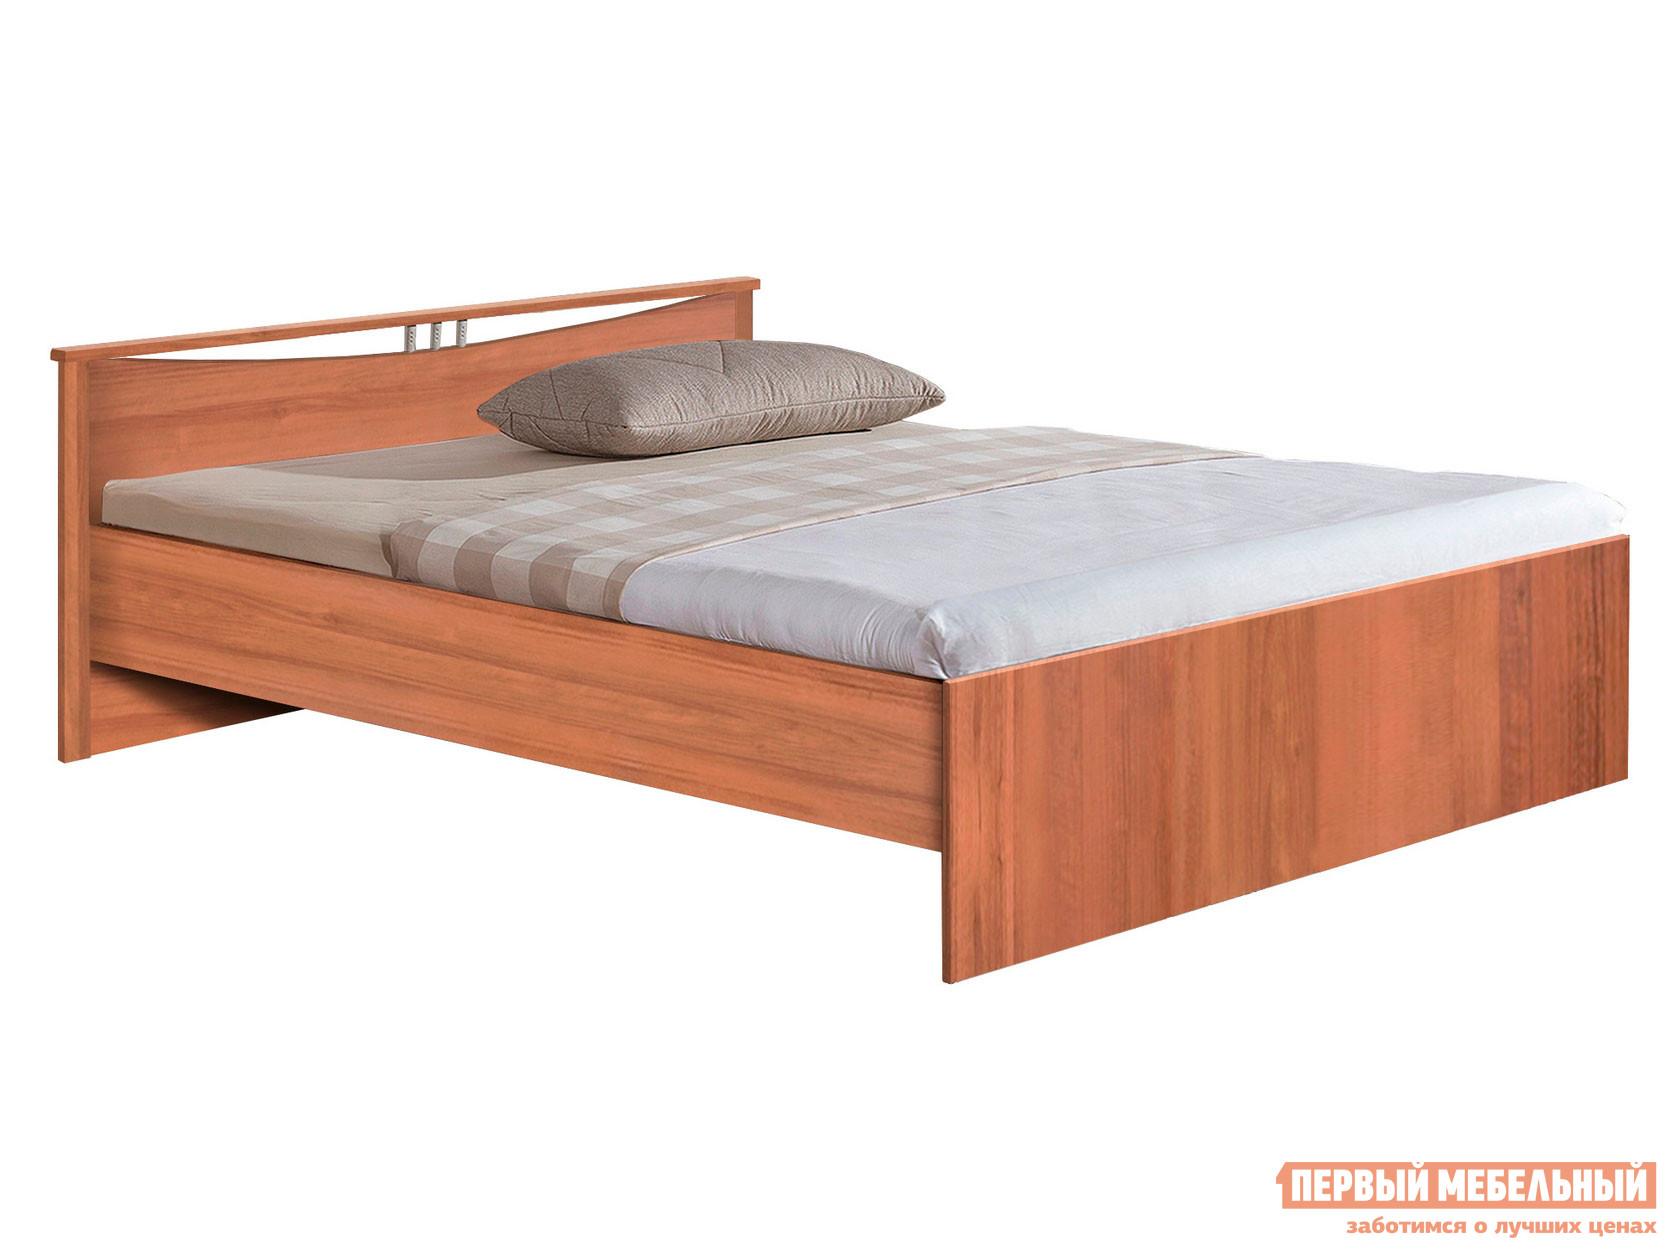 Односпальная кровать  Кровать Мелисса Орех, 900 Х 2000 мм